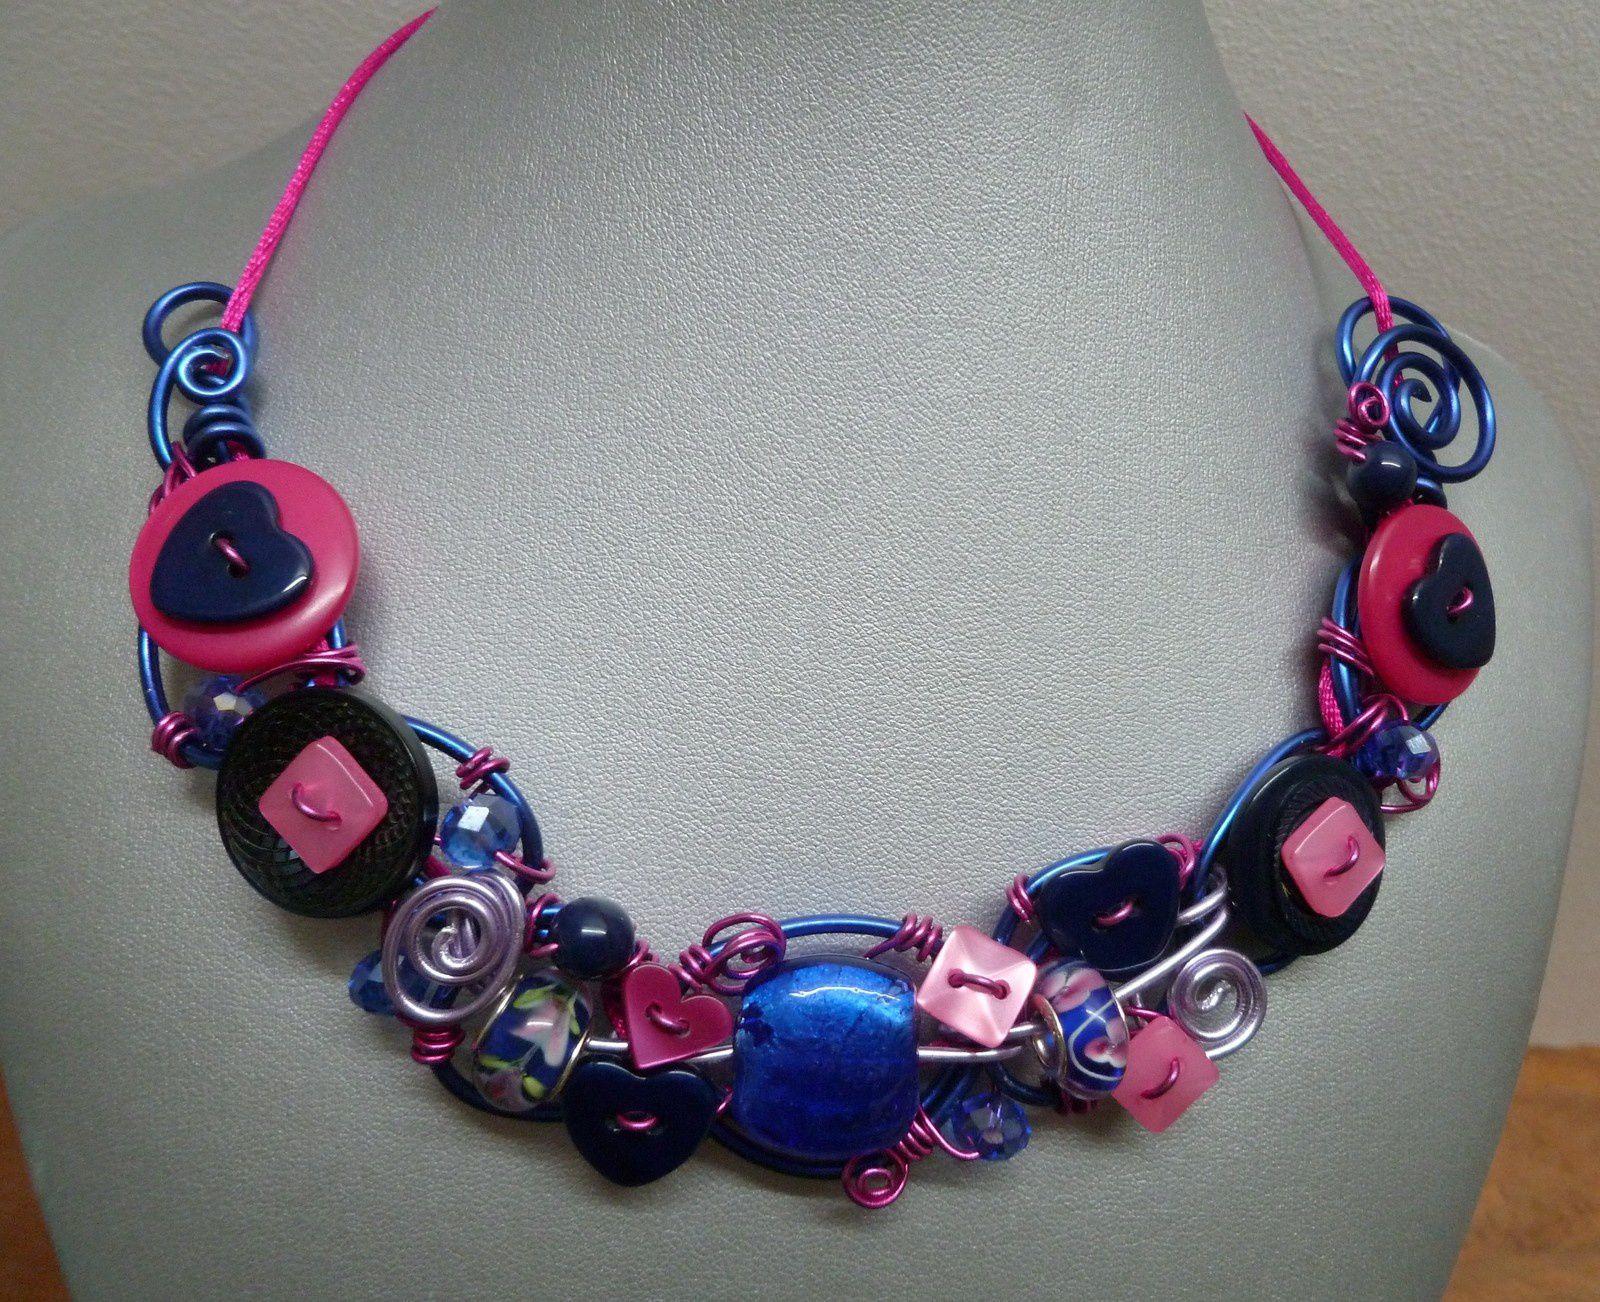 Collier en fils d'alu colorés roses et bleus,boutons et perles coordonnés .